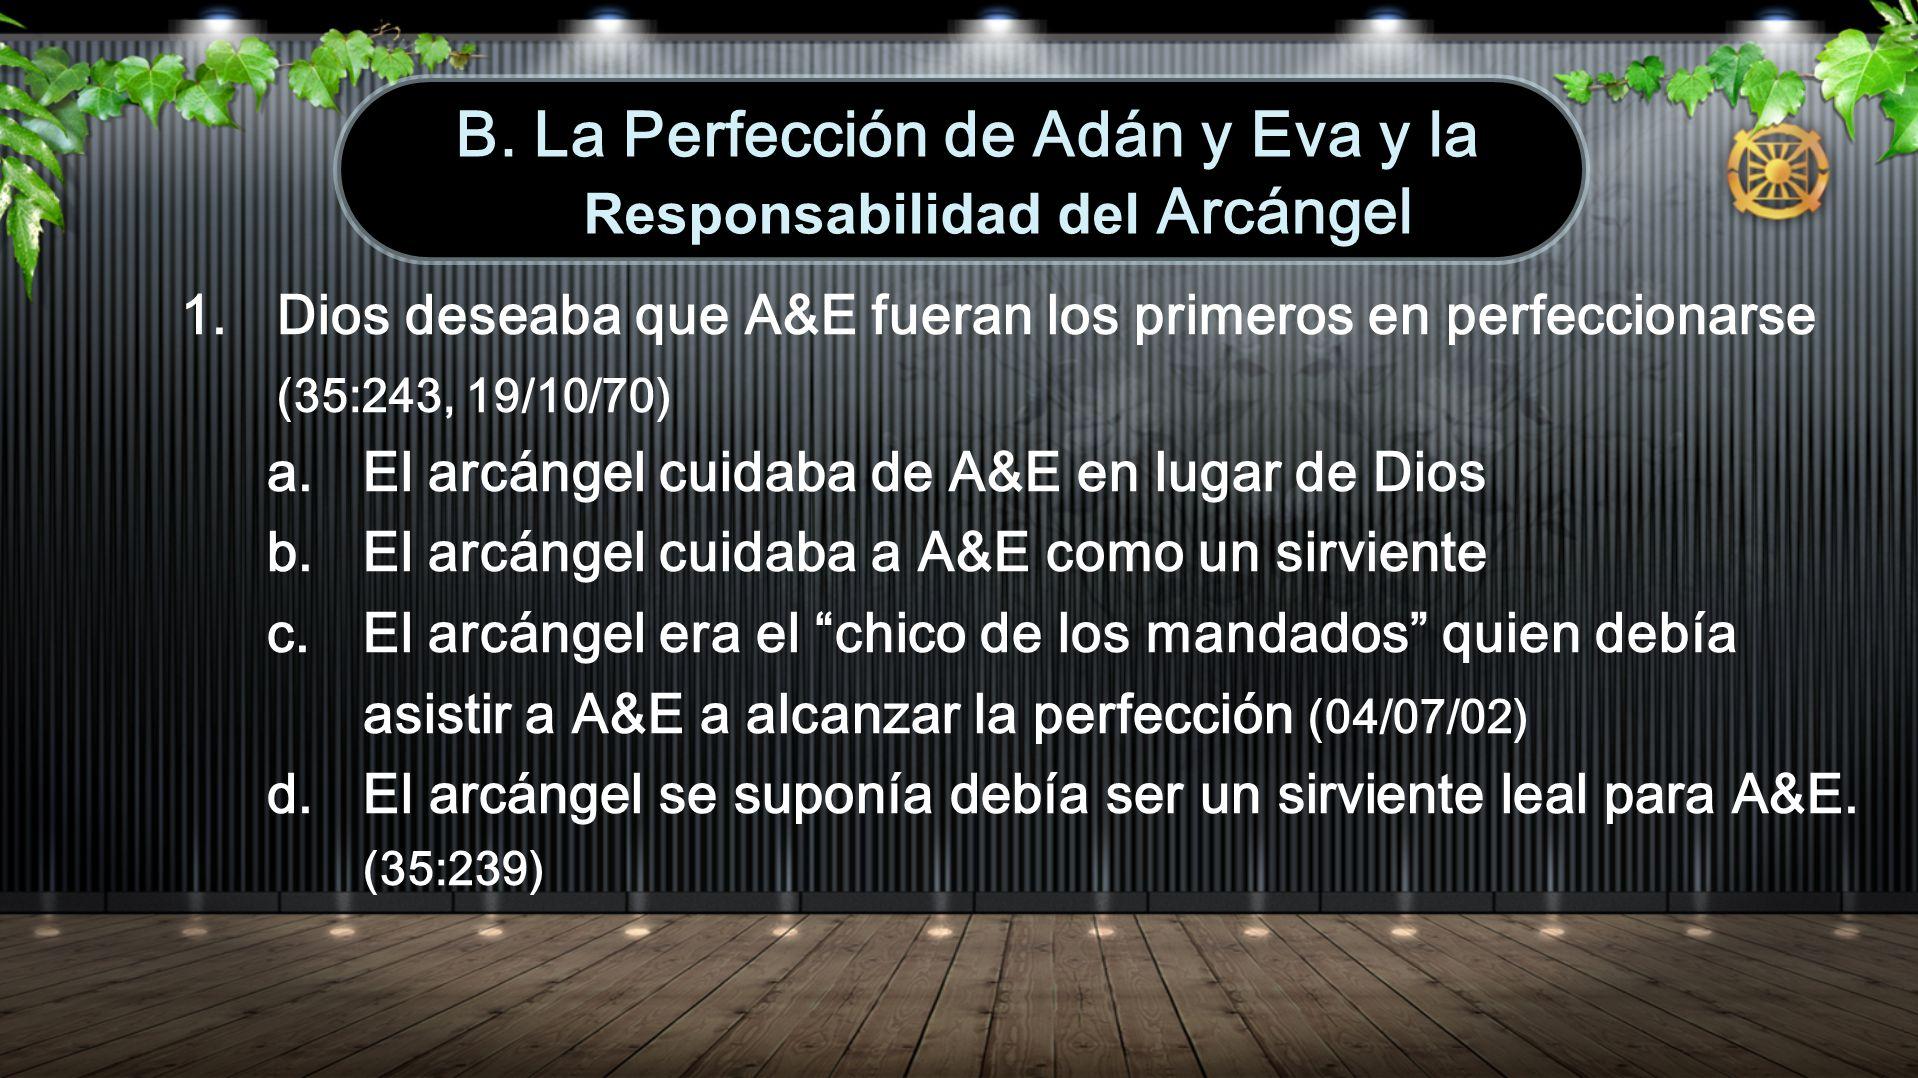 1.Dios deseaba que A&E fueran los primeros en perfeccionarse (35:243, 19/10/70) a. El arcángel cuidaba de A&E en lugar de Dios b. El arcángel cuidaba